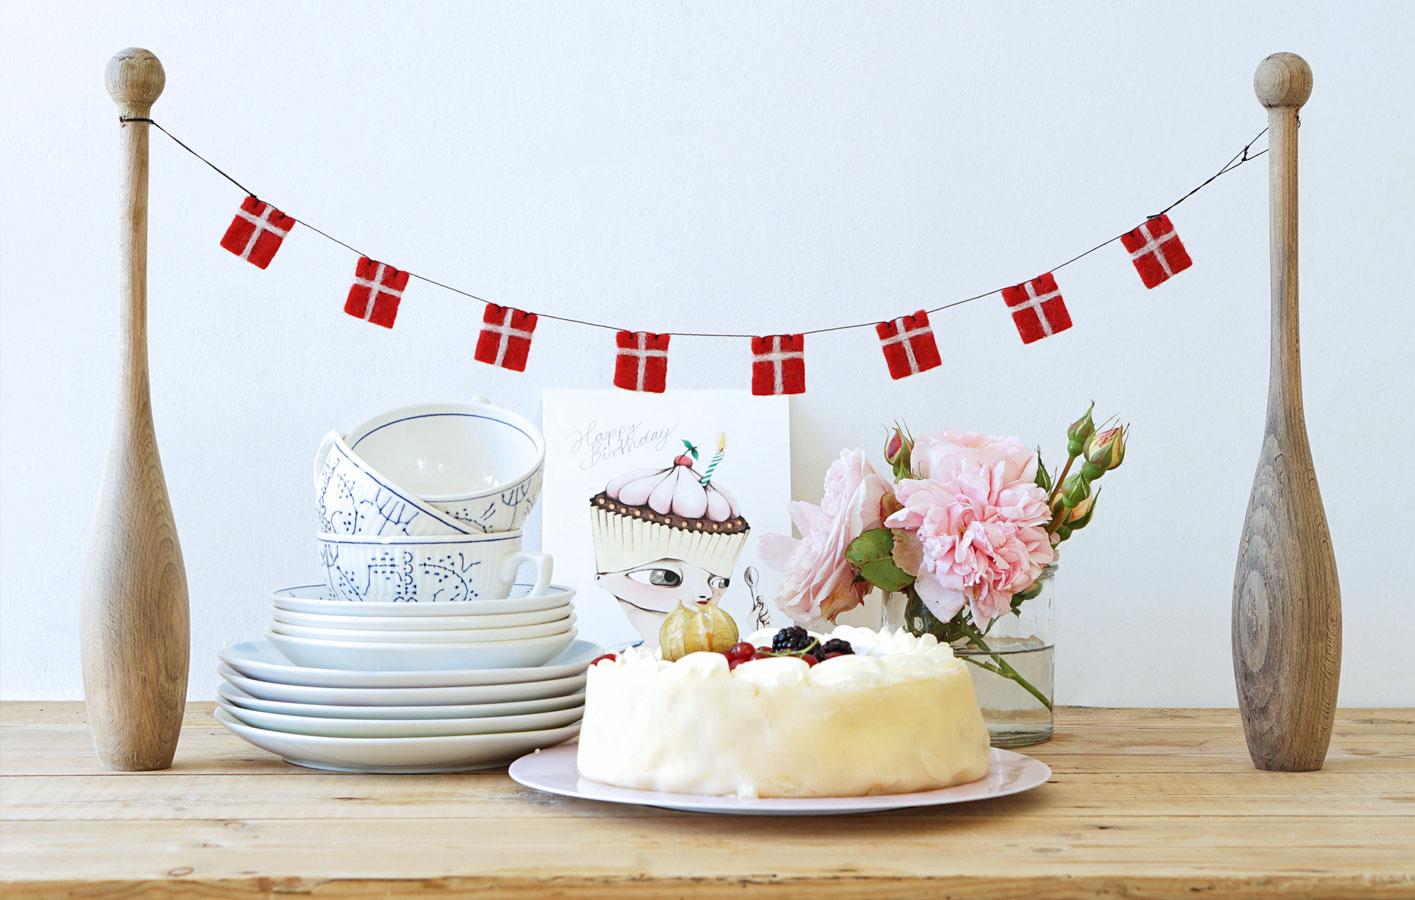 Fødselsdags Inspiration 2020 - Falby Design - Boliginteriør - Nordisk stil